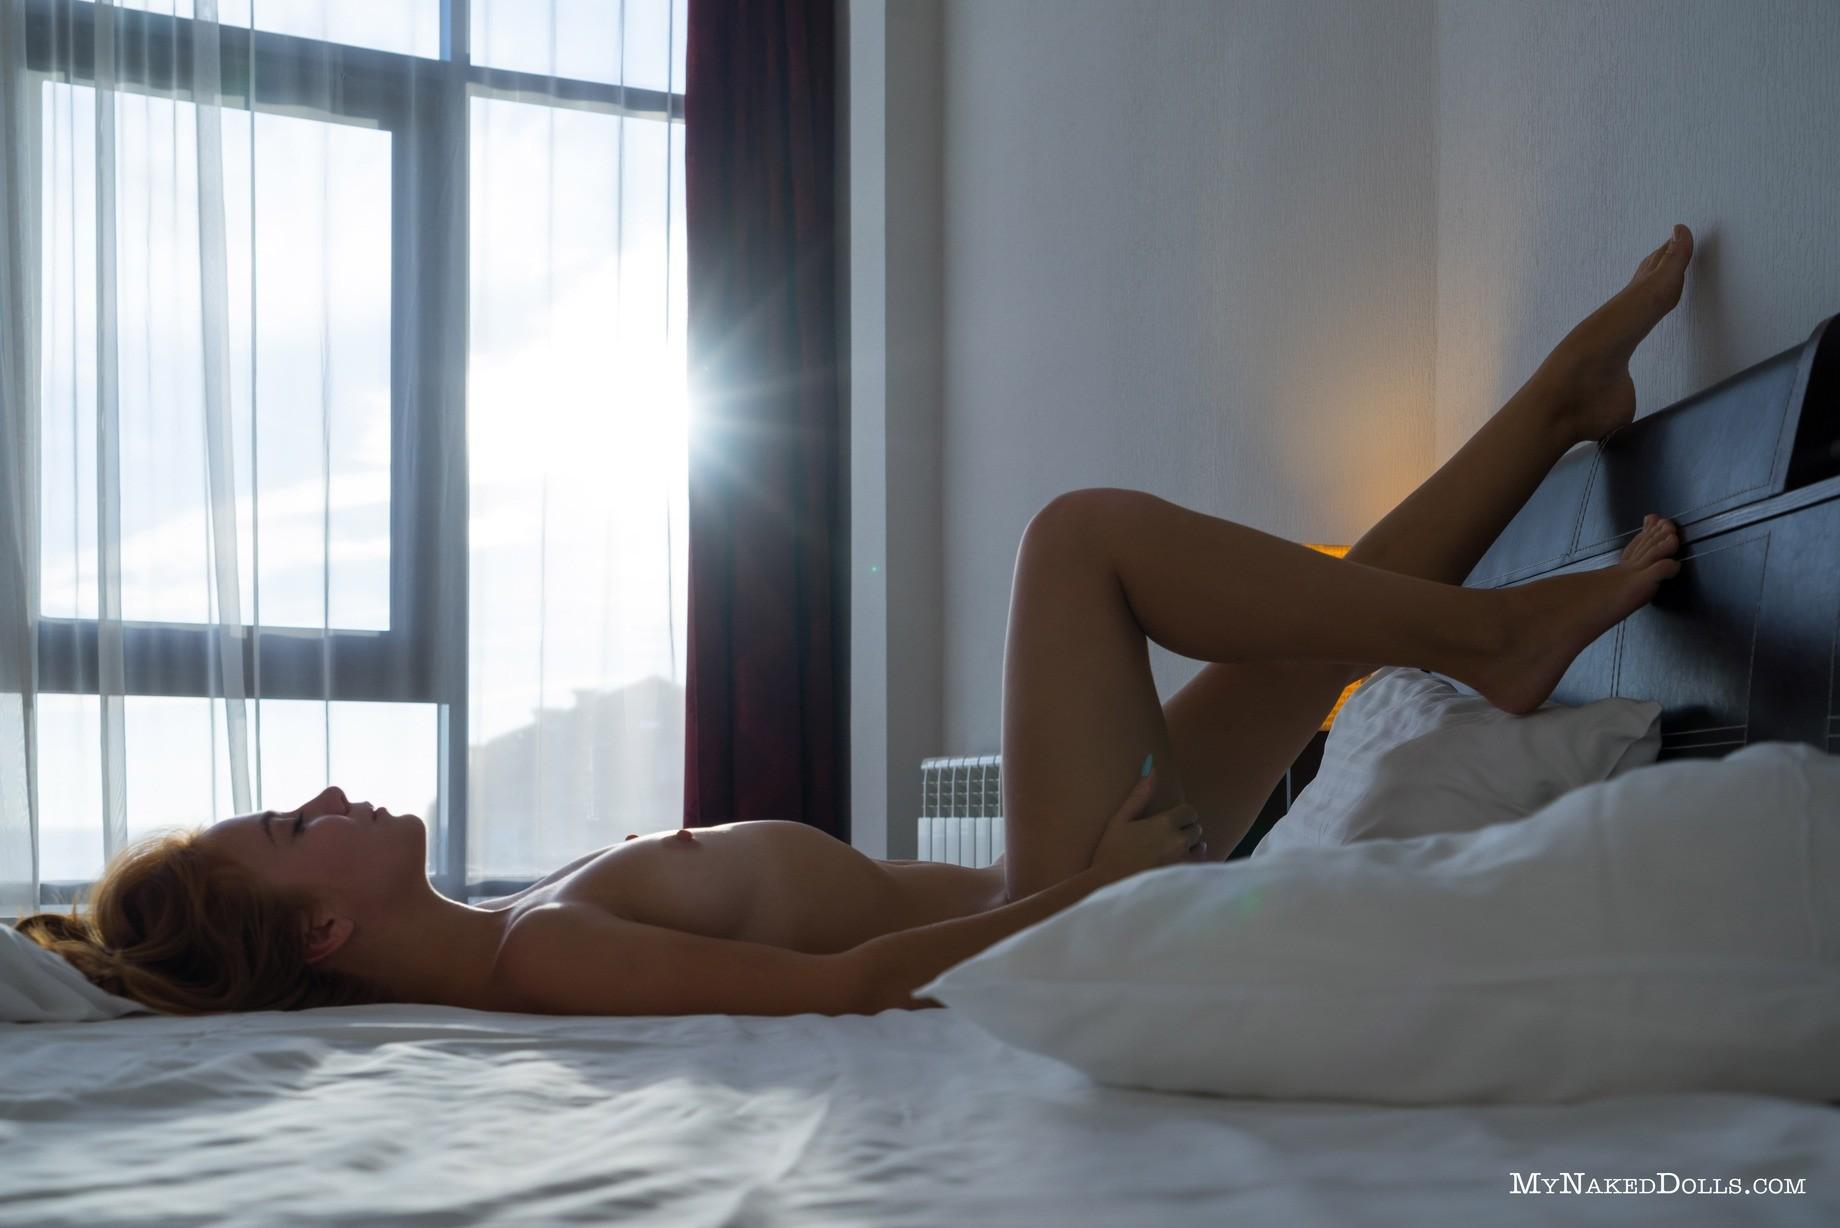 Голая рыжая жена на кровати в номере отеля - фото